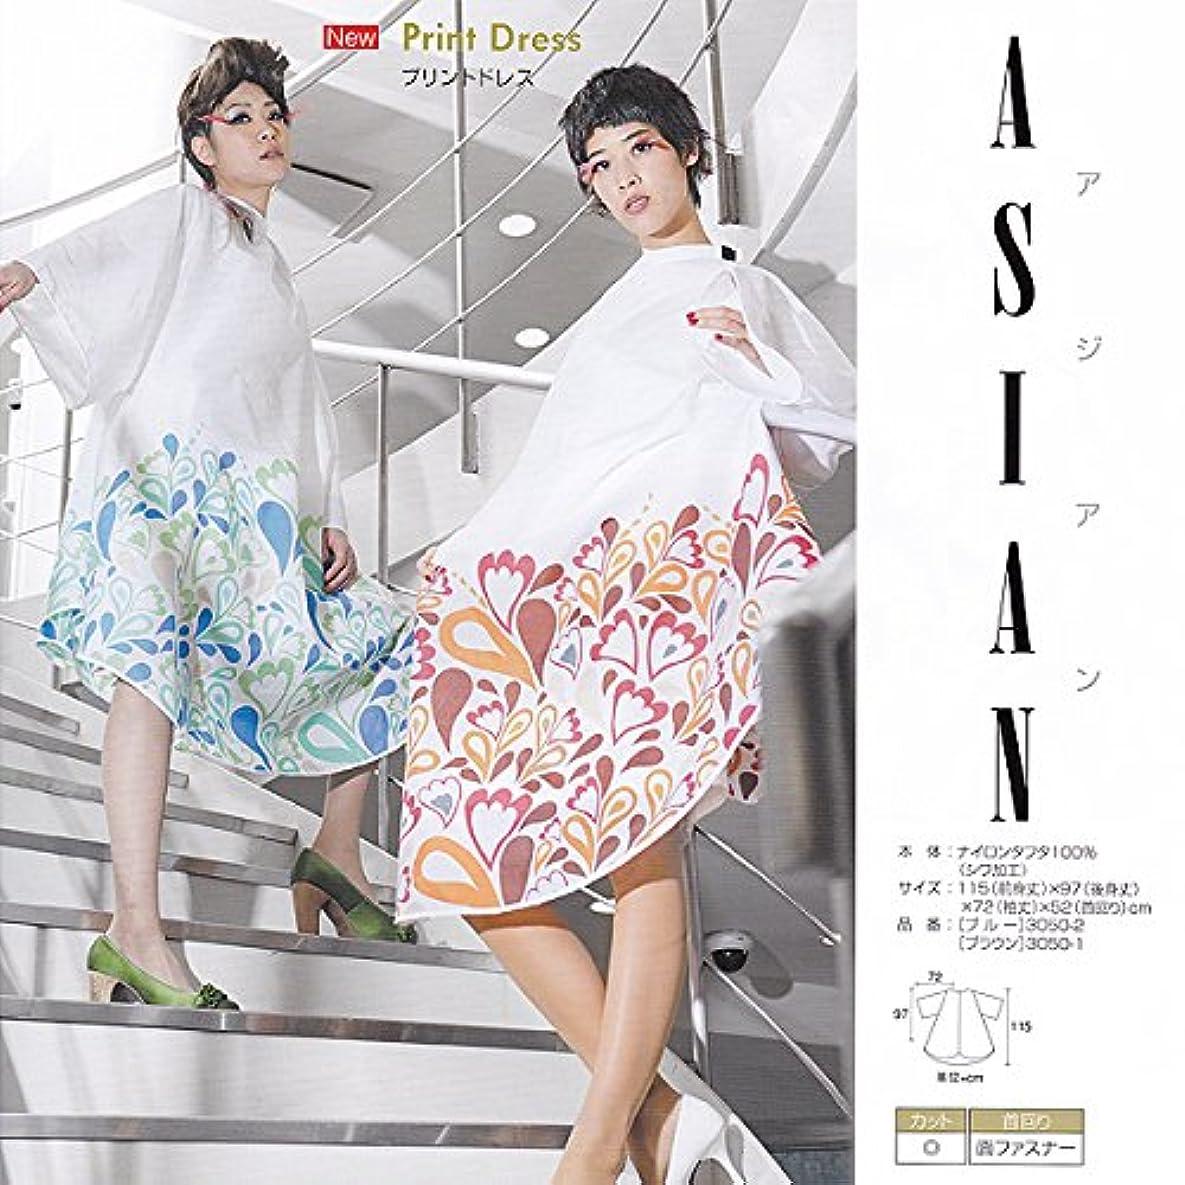 だますキャラクター連続的WAKO ASIAN アジアンプリントドレス №3050 3050-2(アジアンブルー) 115(前身丈)×97(後身丈)×72(袖丈)×52(首回リ)